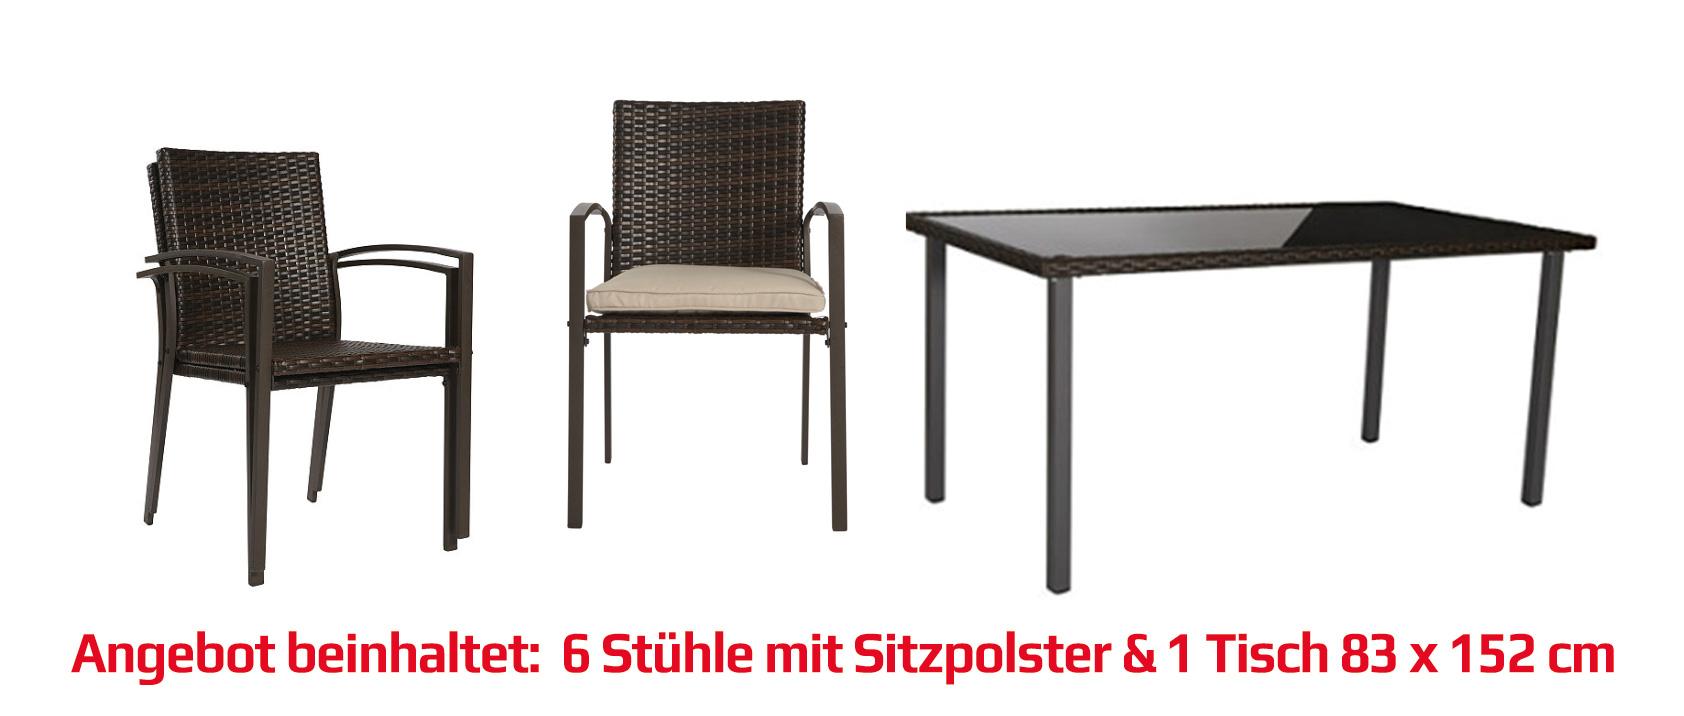 gartenm bel gartengruppe tisch st hle rattan inkl auflagen braun 13tlg 7150023 ebay. Black Bedroom Furniture Sets. Home Design Ideas